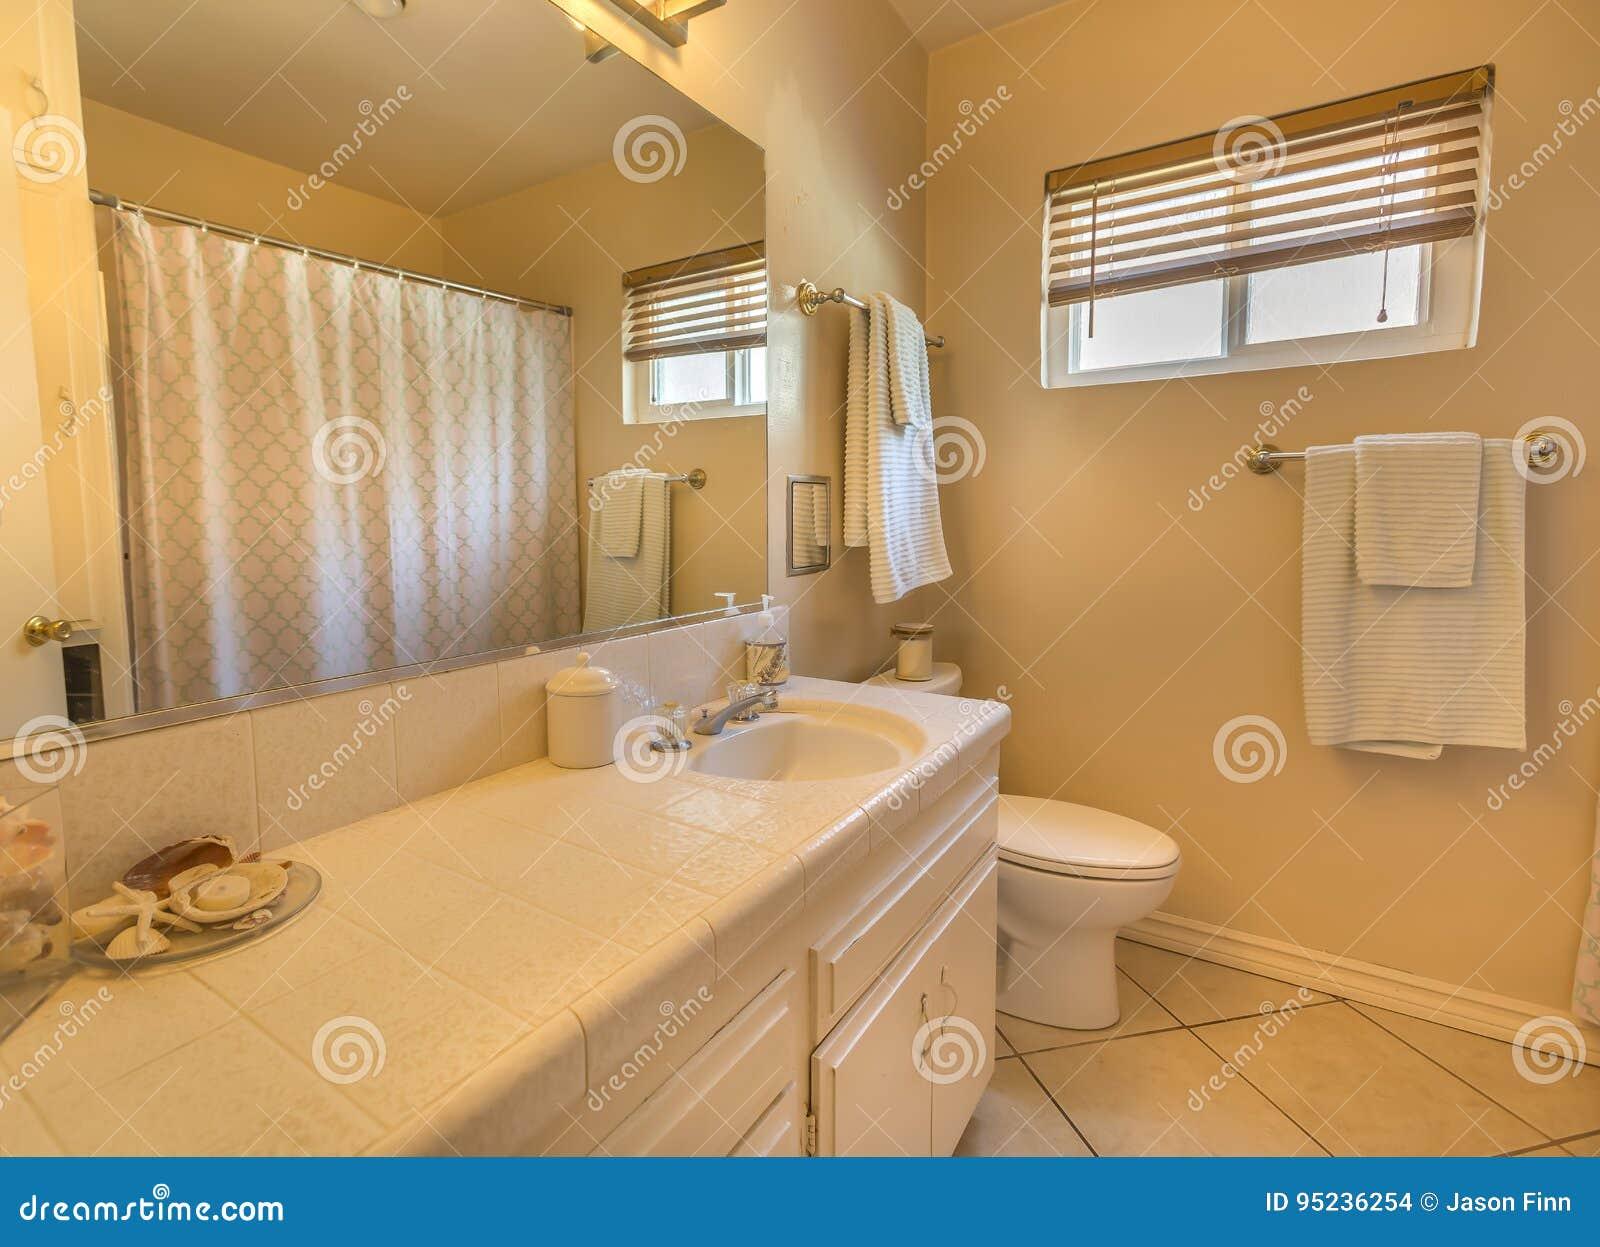 Sauberes Und Gemütliches Badezimmer In Stadtwohnung ...